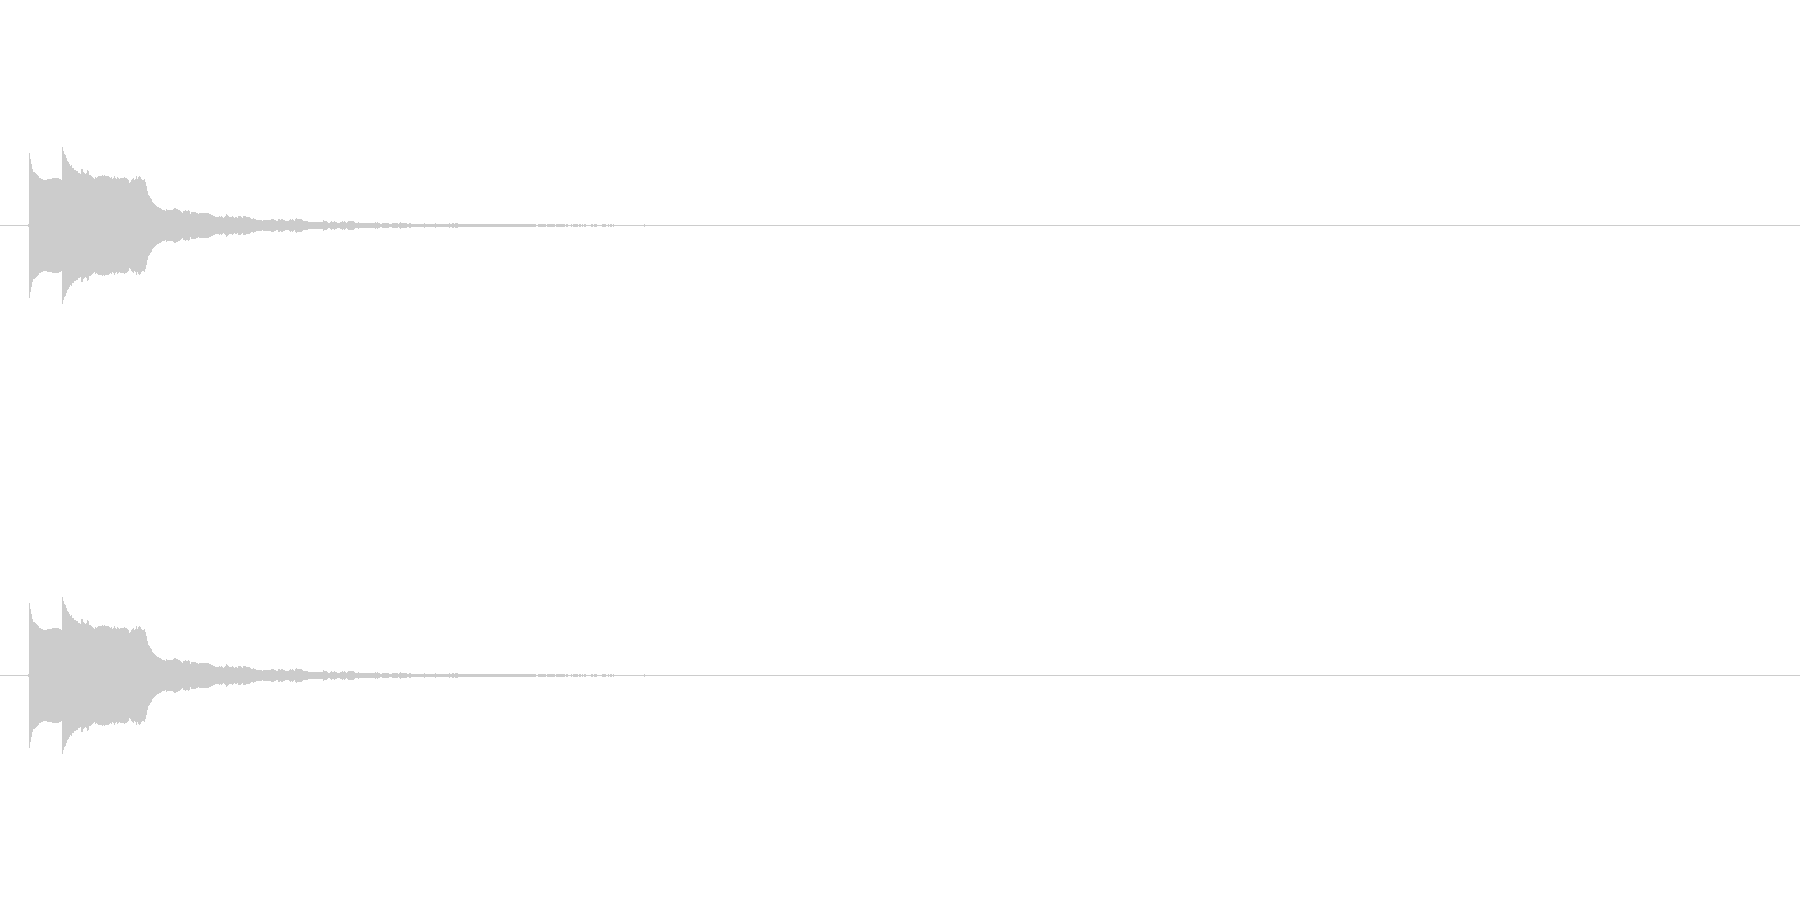 ピコーン テロップ・決定音・タッチ音の未再生の波形